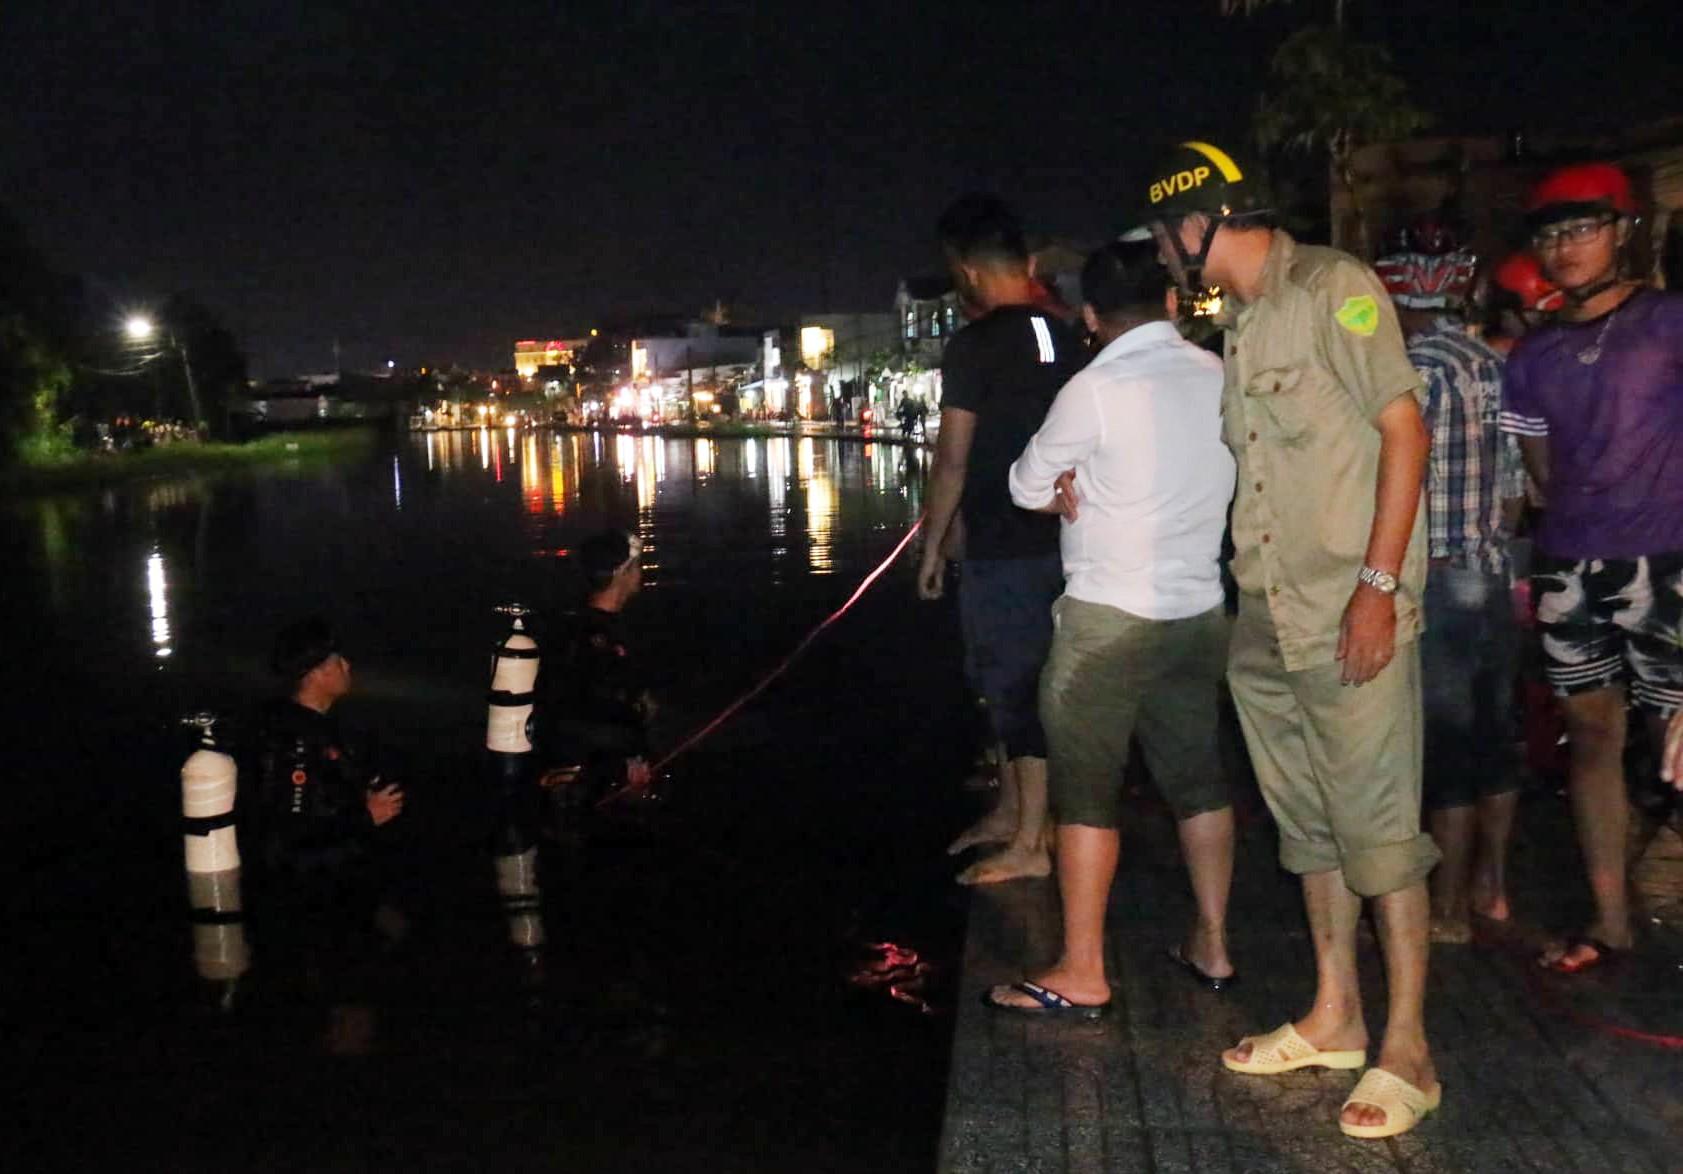 Triều cường dâng cao, người phụ nữ chạy xe máy mất phương hướng lao xuống hồ nước tử vong 4